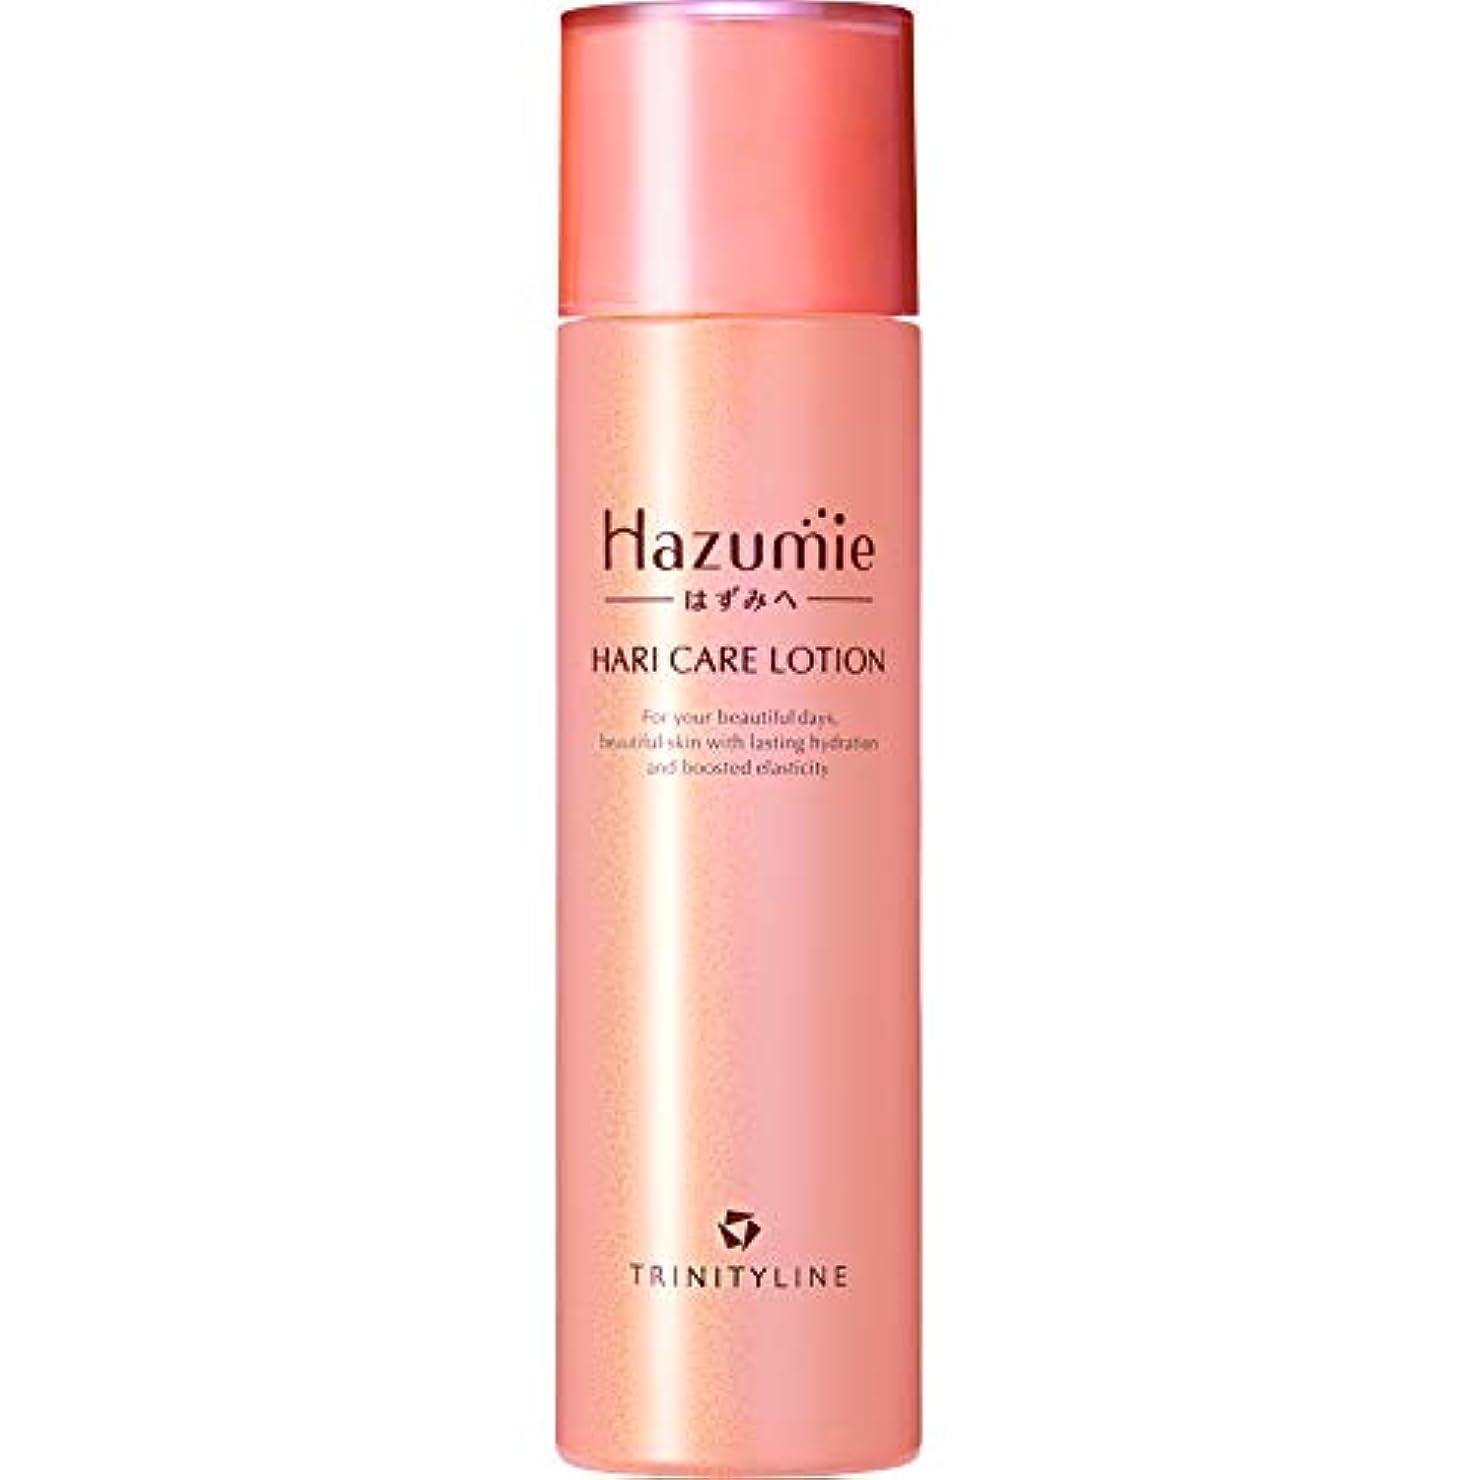 涙が出るヘクタール早いトリニティーライン(TRINITYLINE) Hazumie-はずみへ-ハリケア ローション (コラーゲンケアでしっとりやわらかハリ肌へ) 美容液 120ml